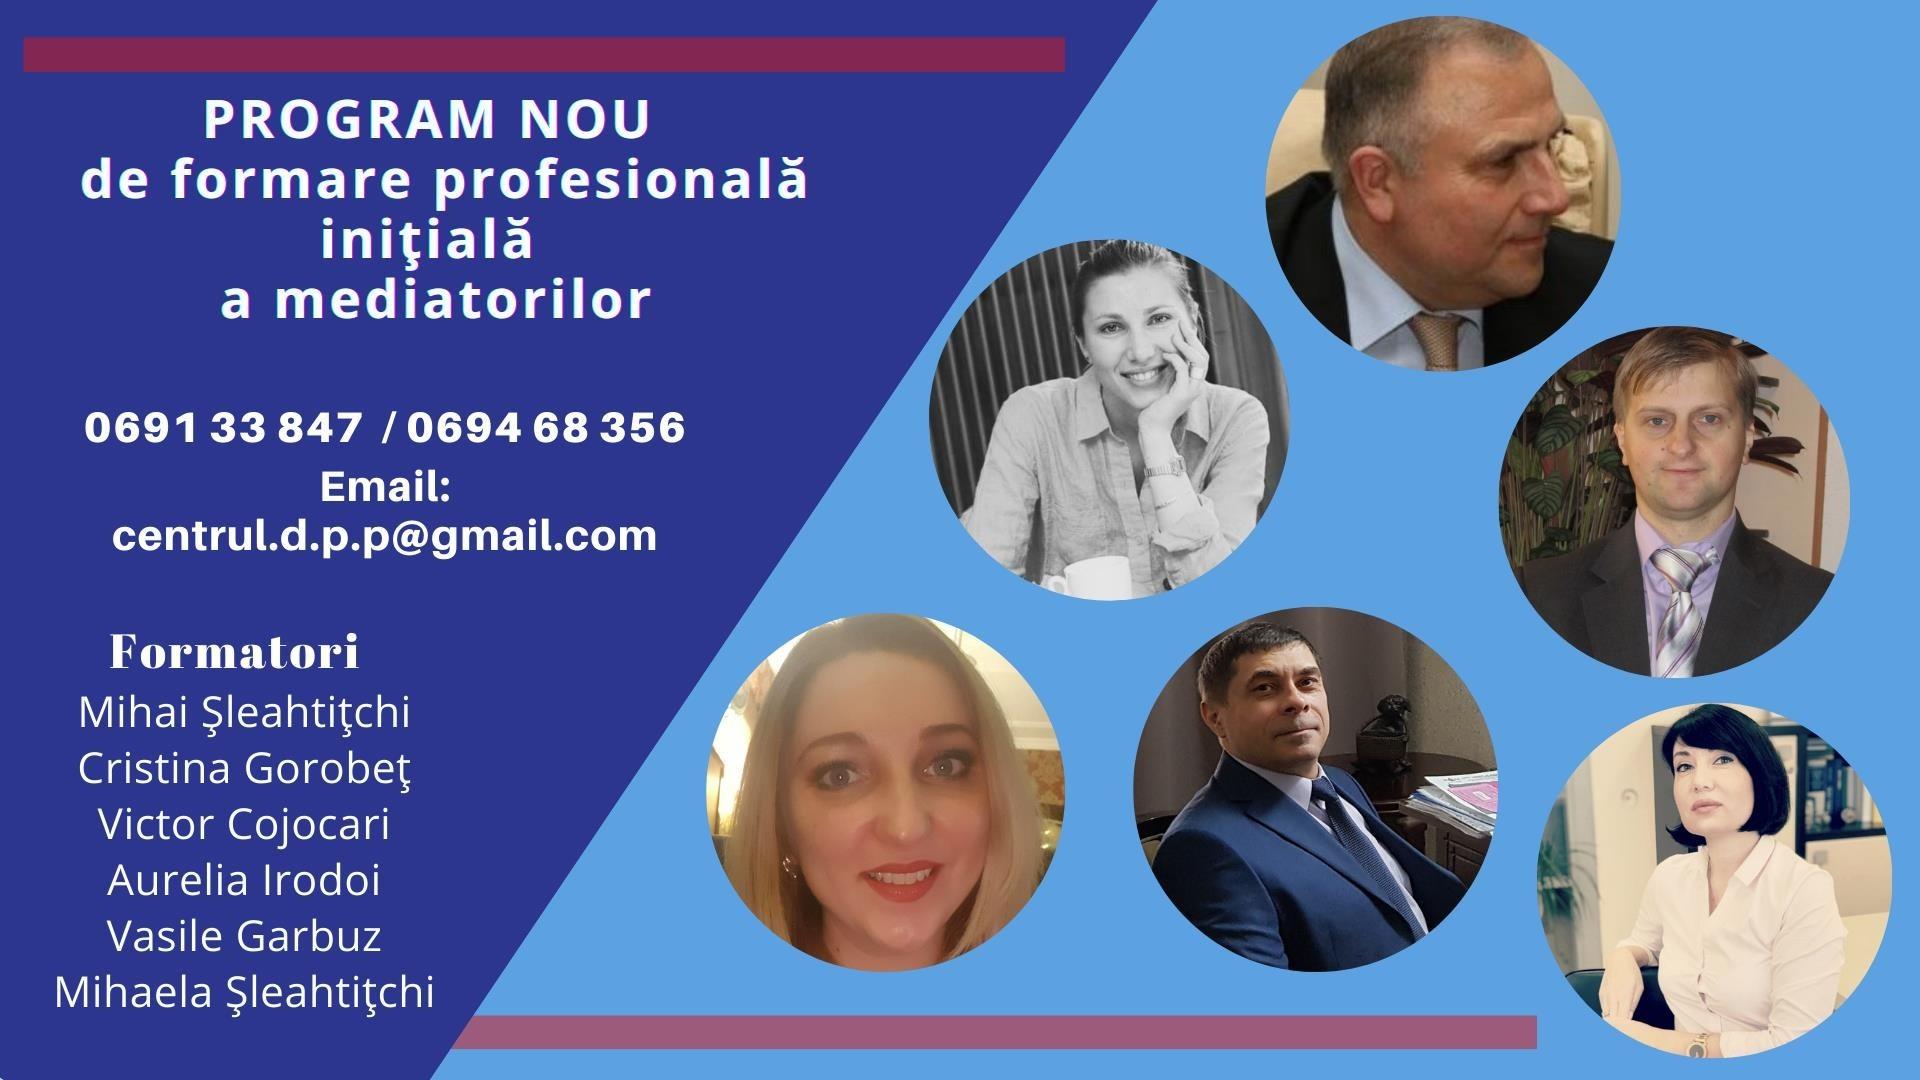 Un nou program online de formare profesională a mediatorilor. Cine vor fi formatorii